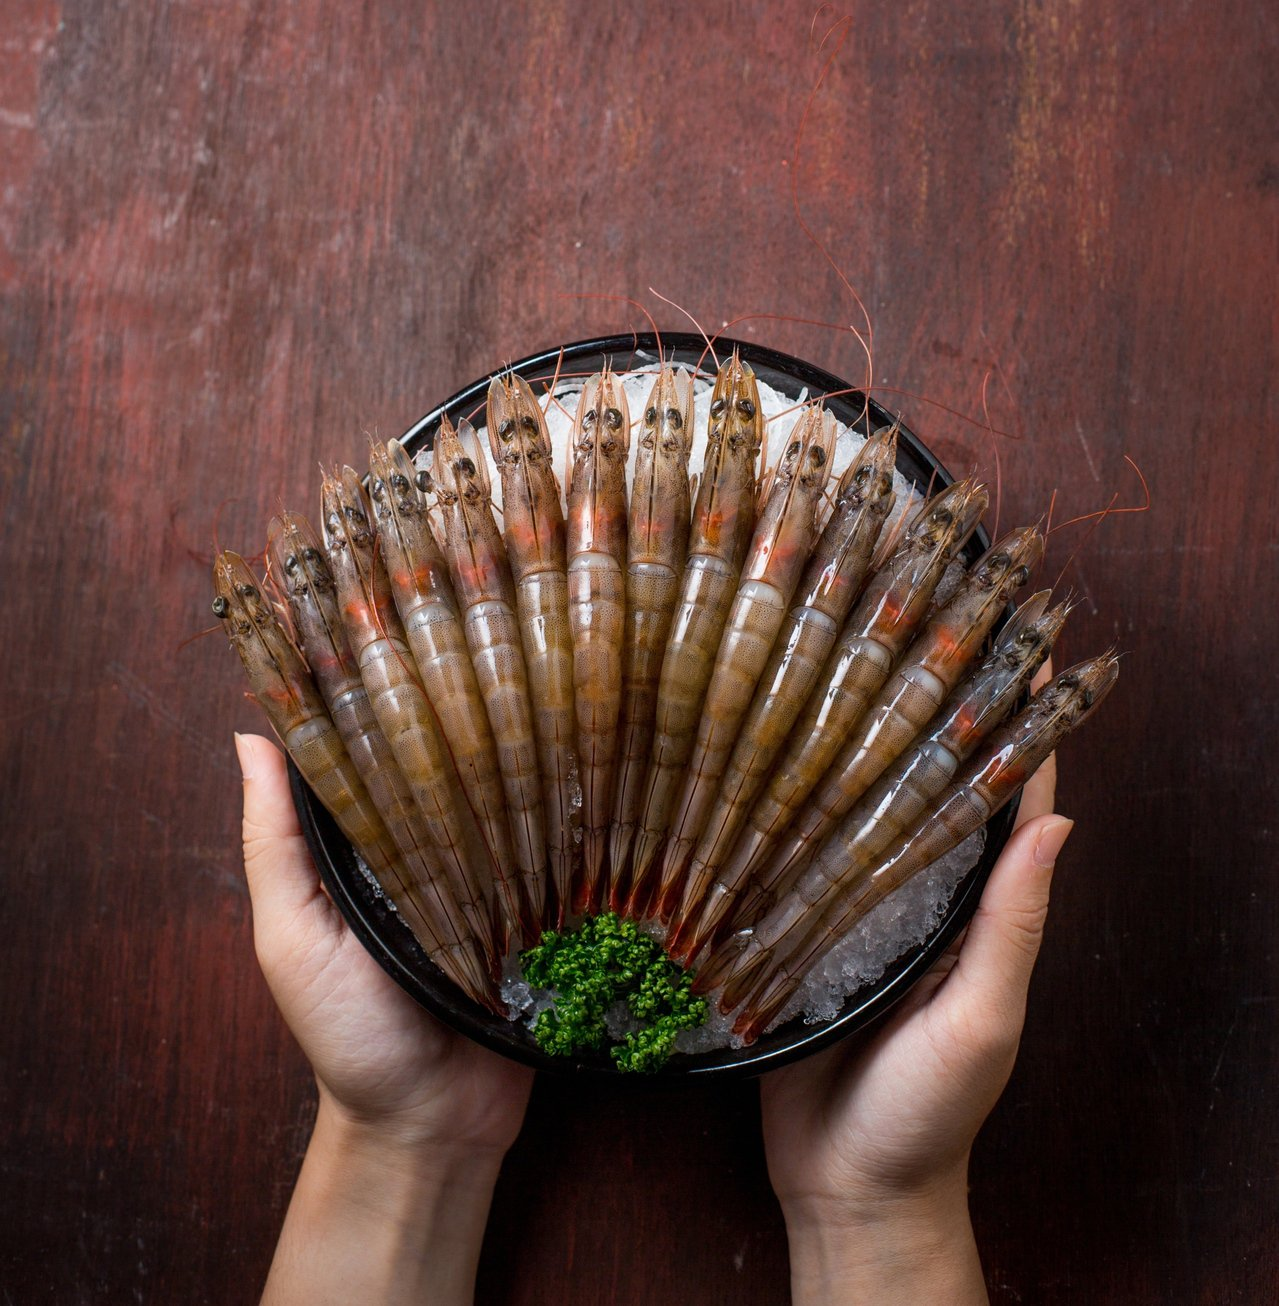 北海道昆布鍋連鎖餐廳「聚」,自即日起推出「1塊吃蝦+15元」的優惠活動。圖/業者...